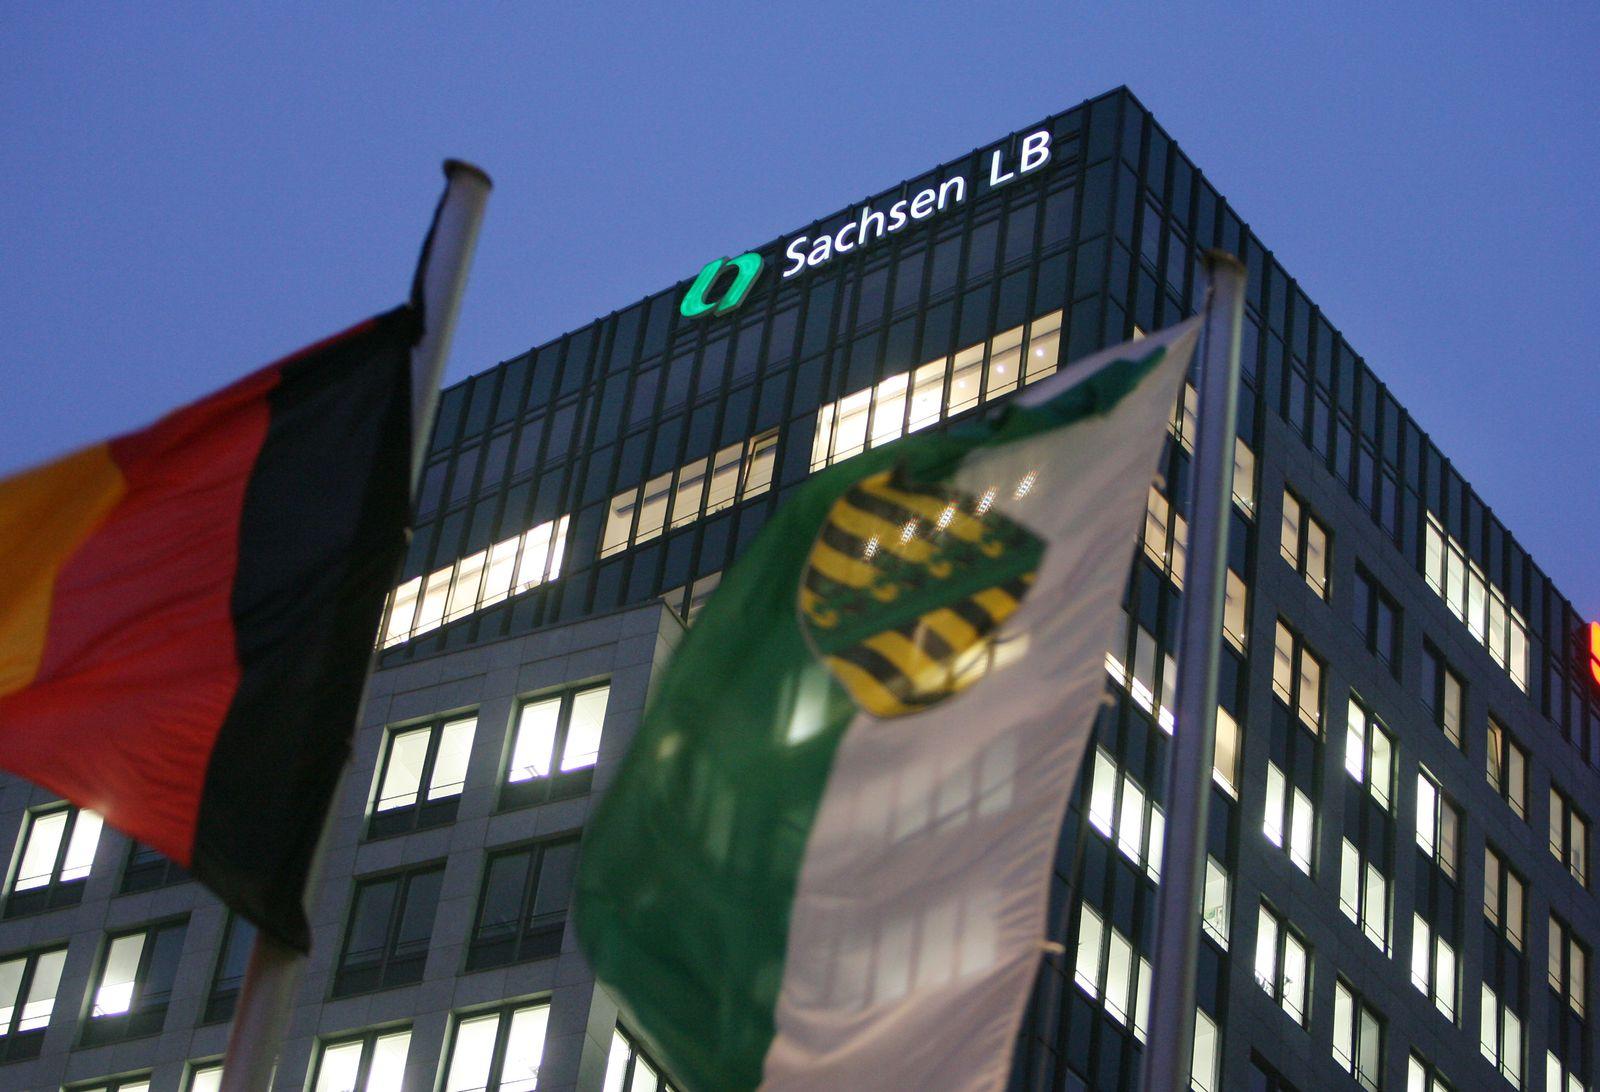 Sachsen LB 2007